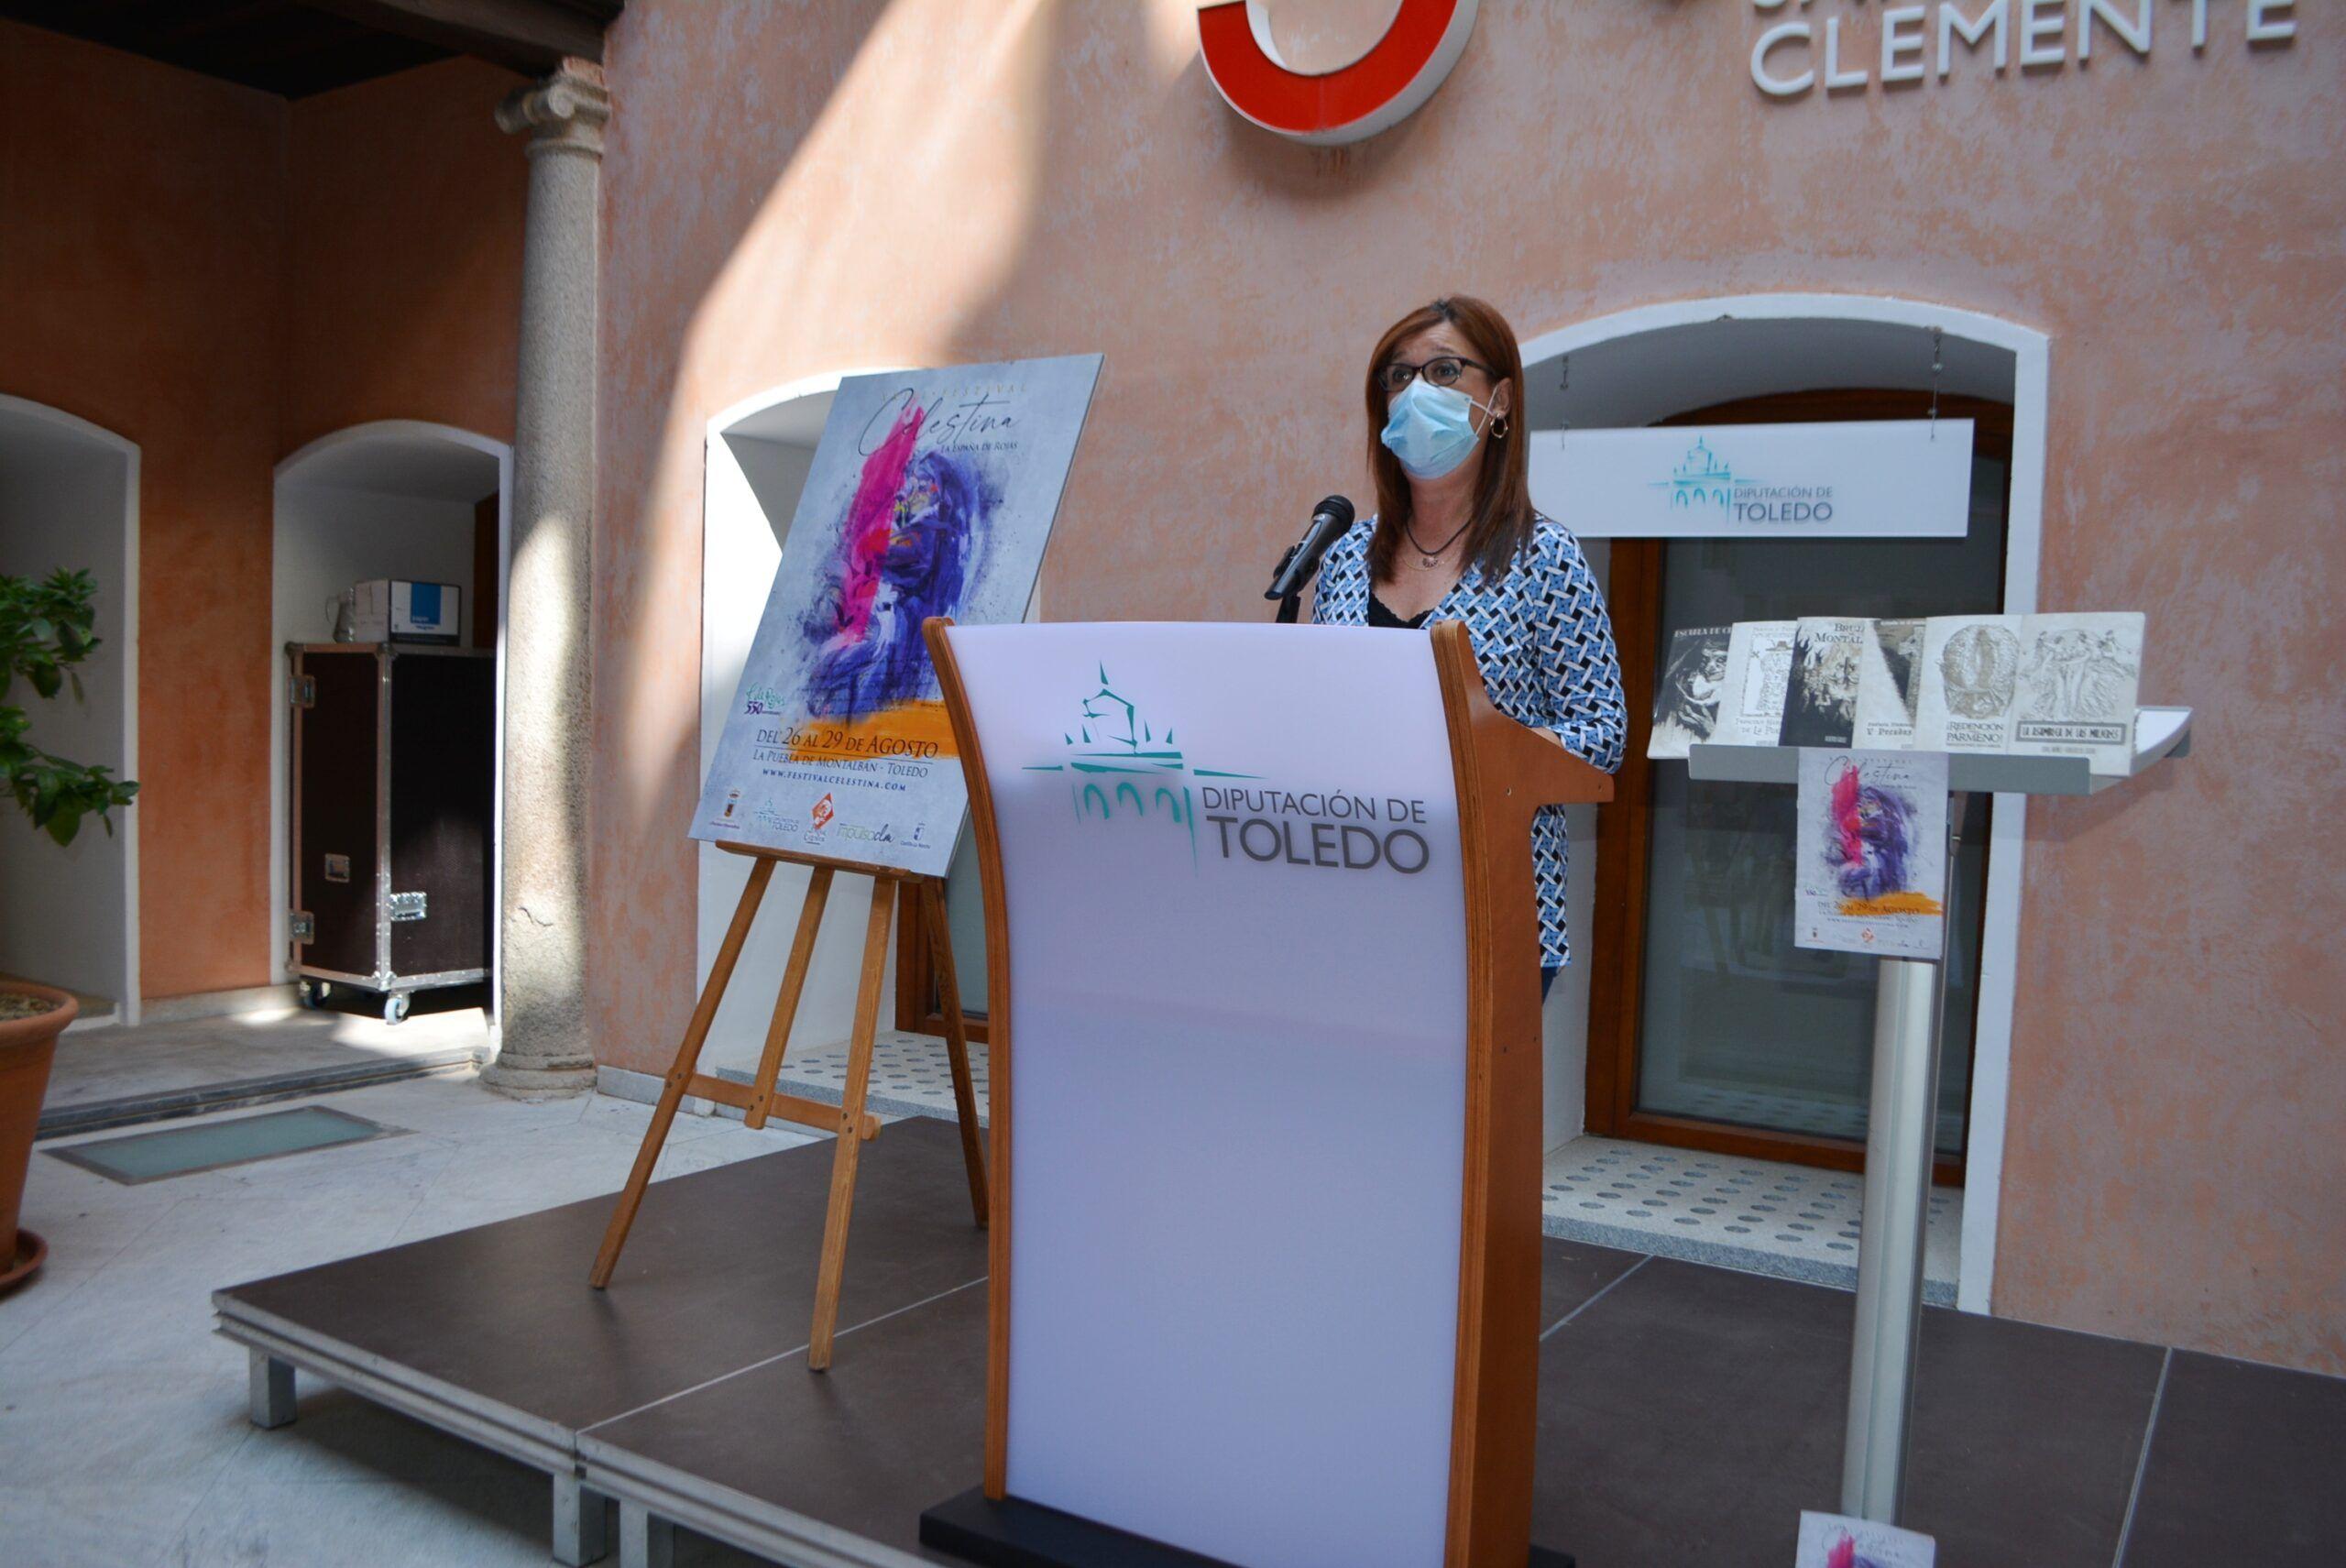 La Diputación de Toledo colabora con 10.000 euros para el Festival Celestina de la Puebla de Montalbán